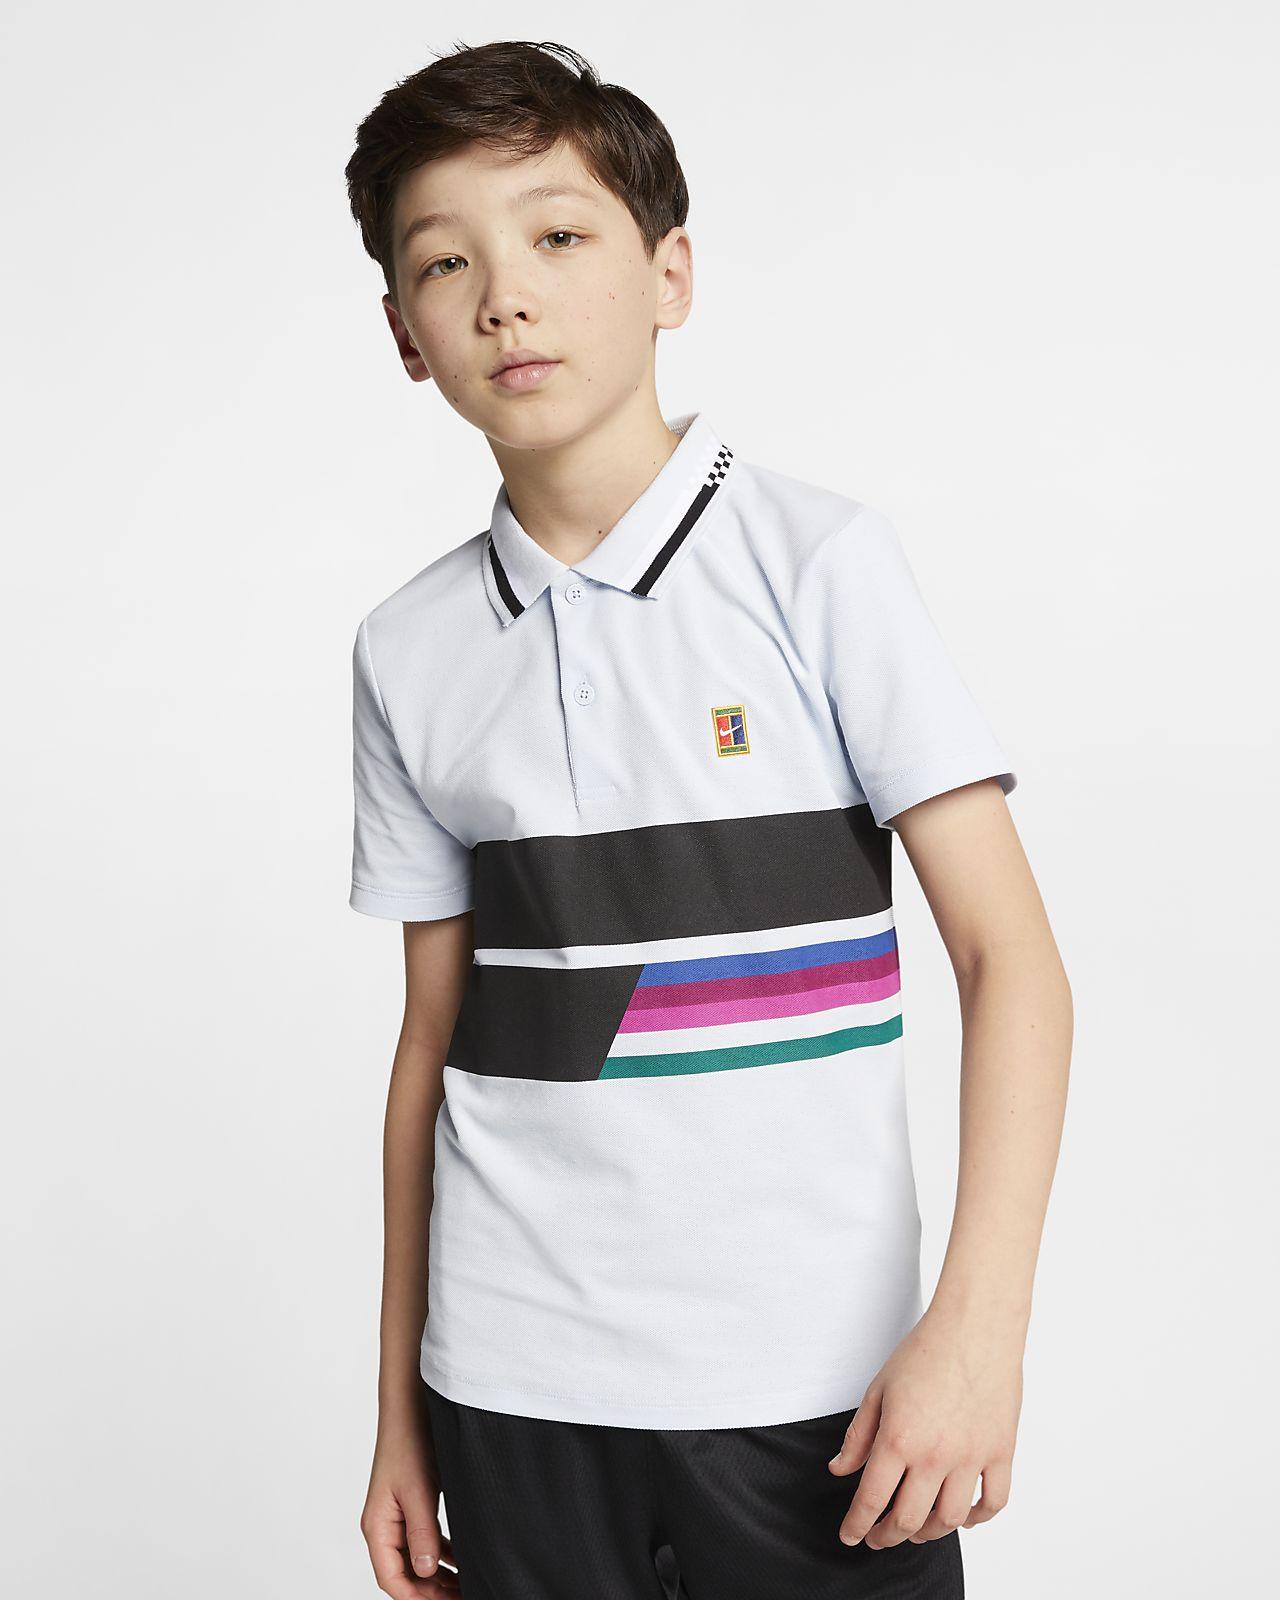 b1a8a54cf5 NikeCourt Advantage Older Kids' (Boys') Tennis Polo